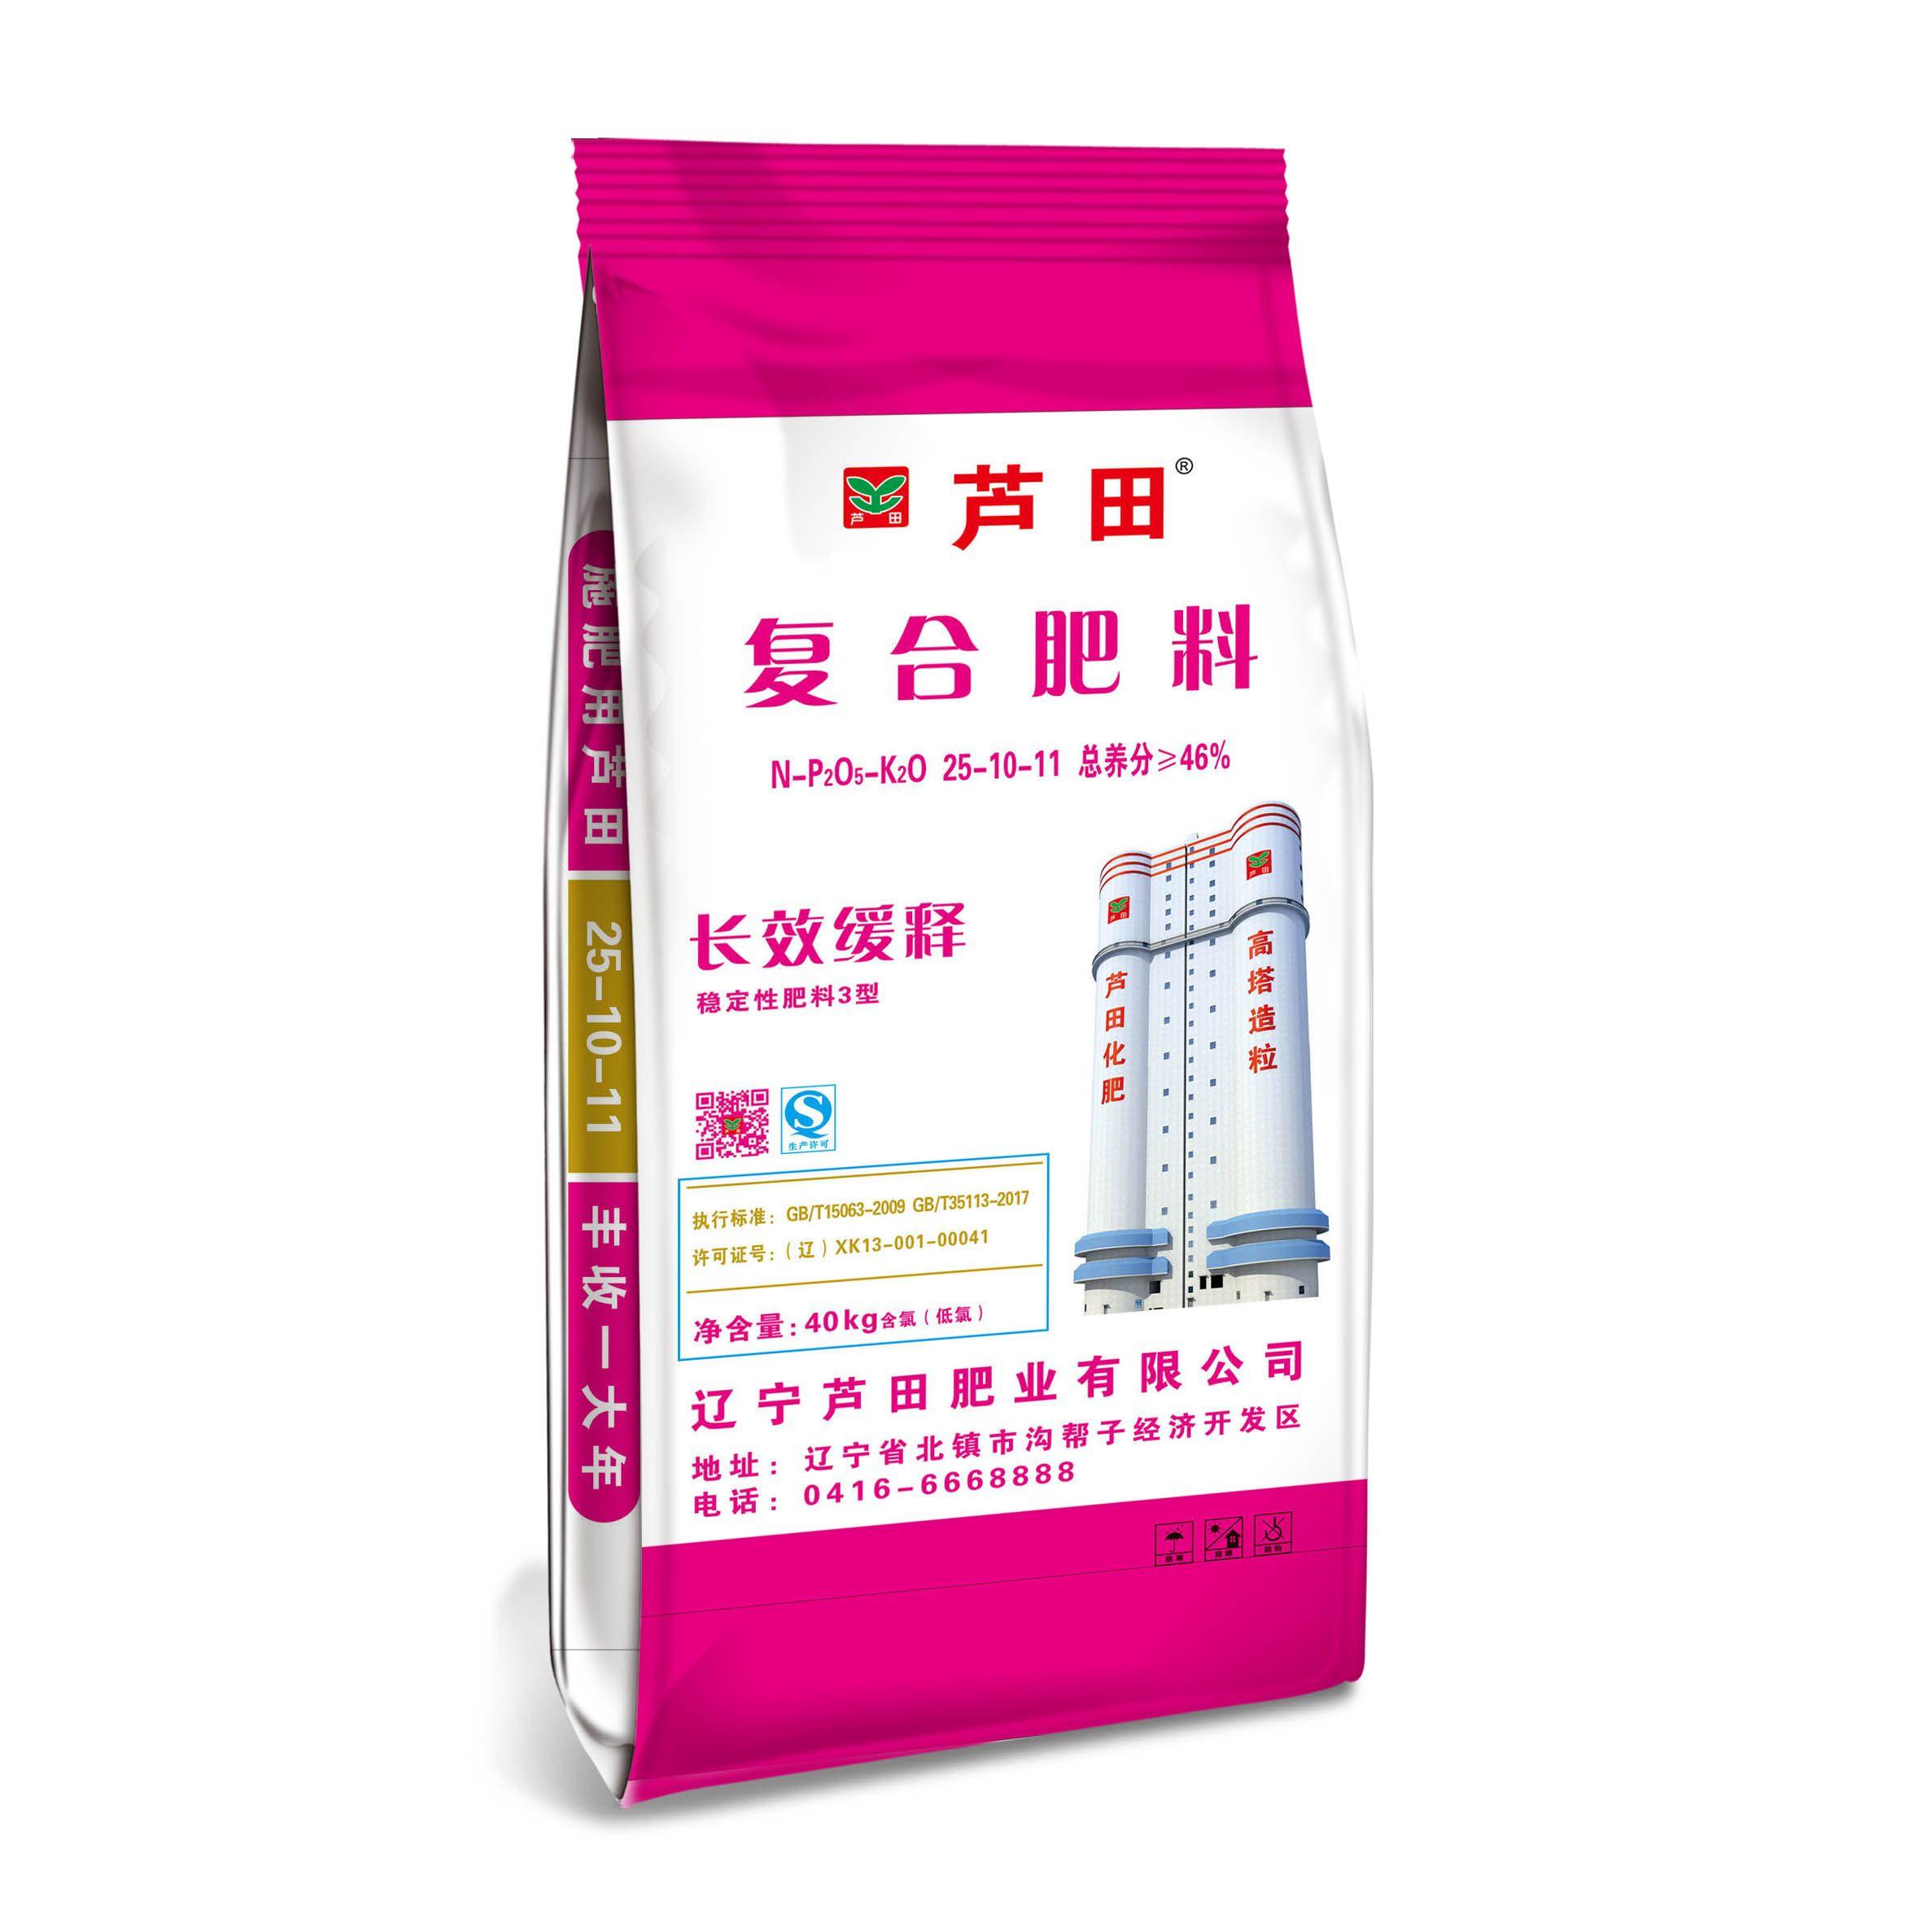 芦田高塔25-10-11产品优势